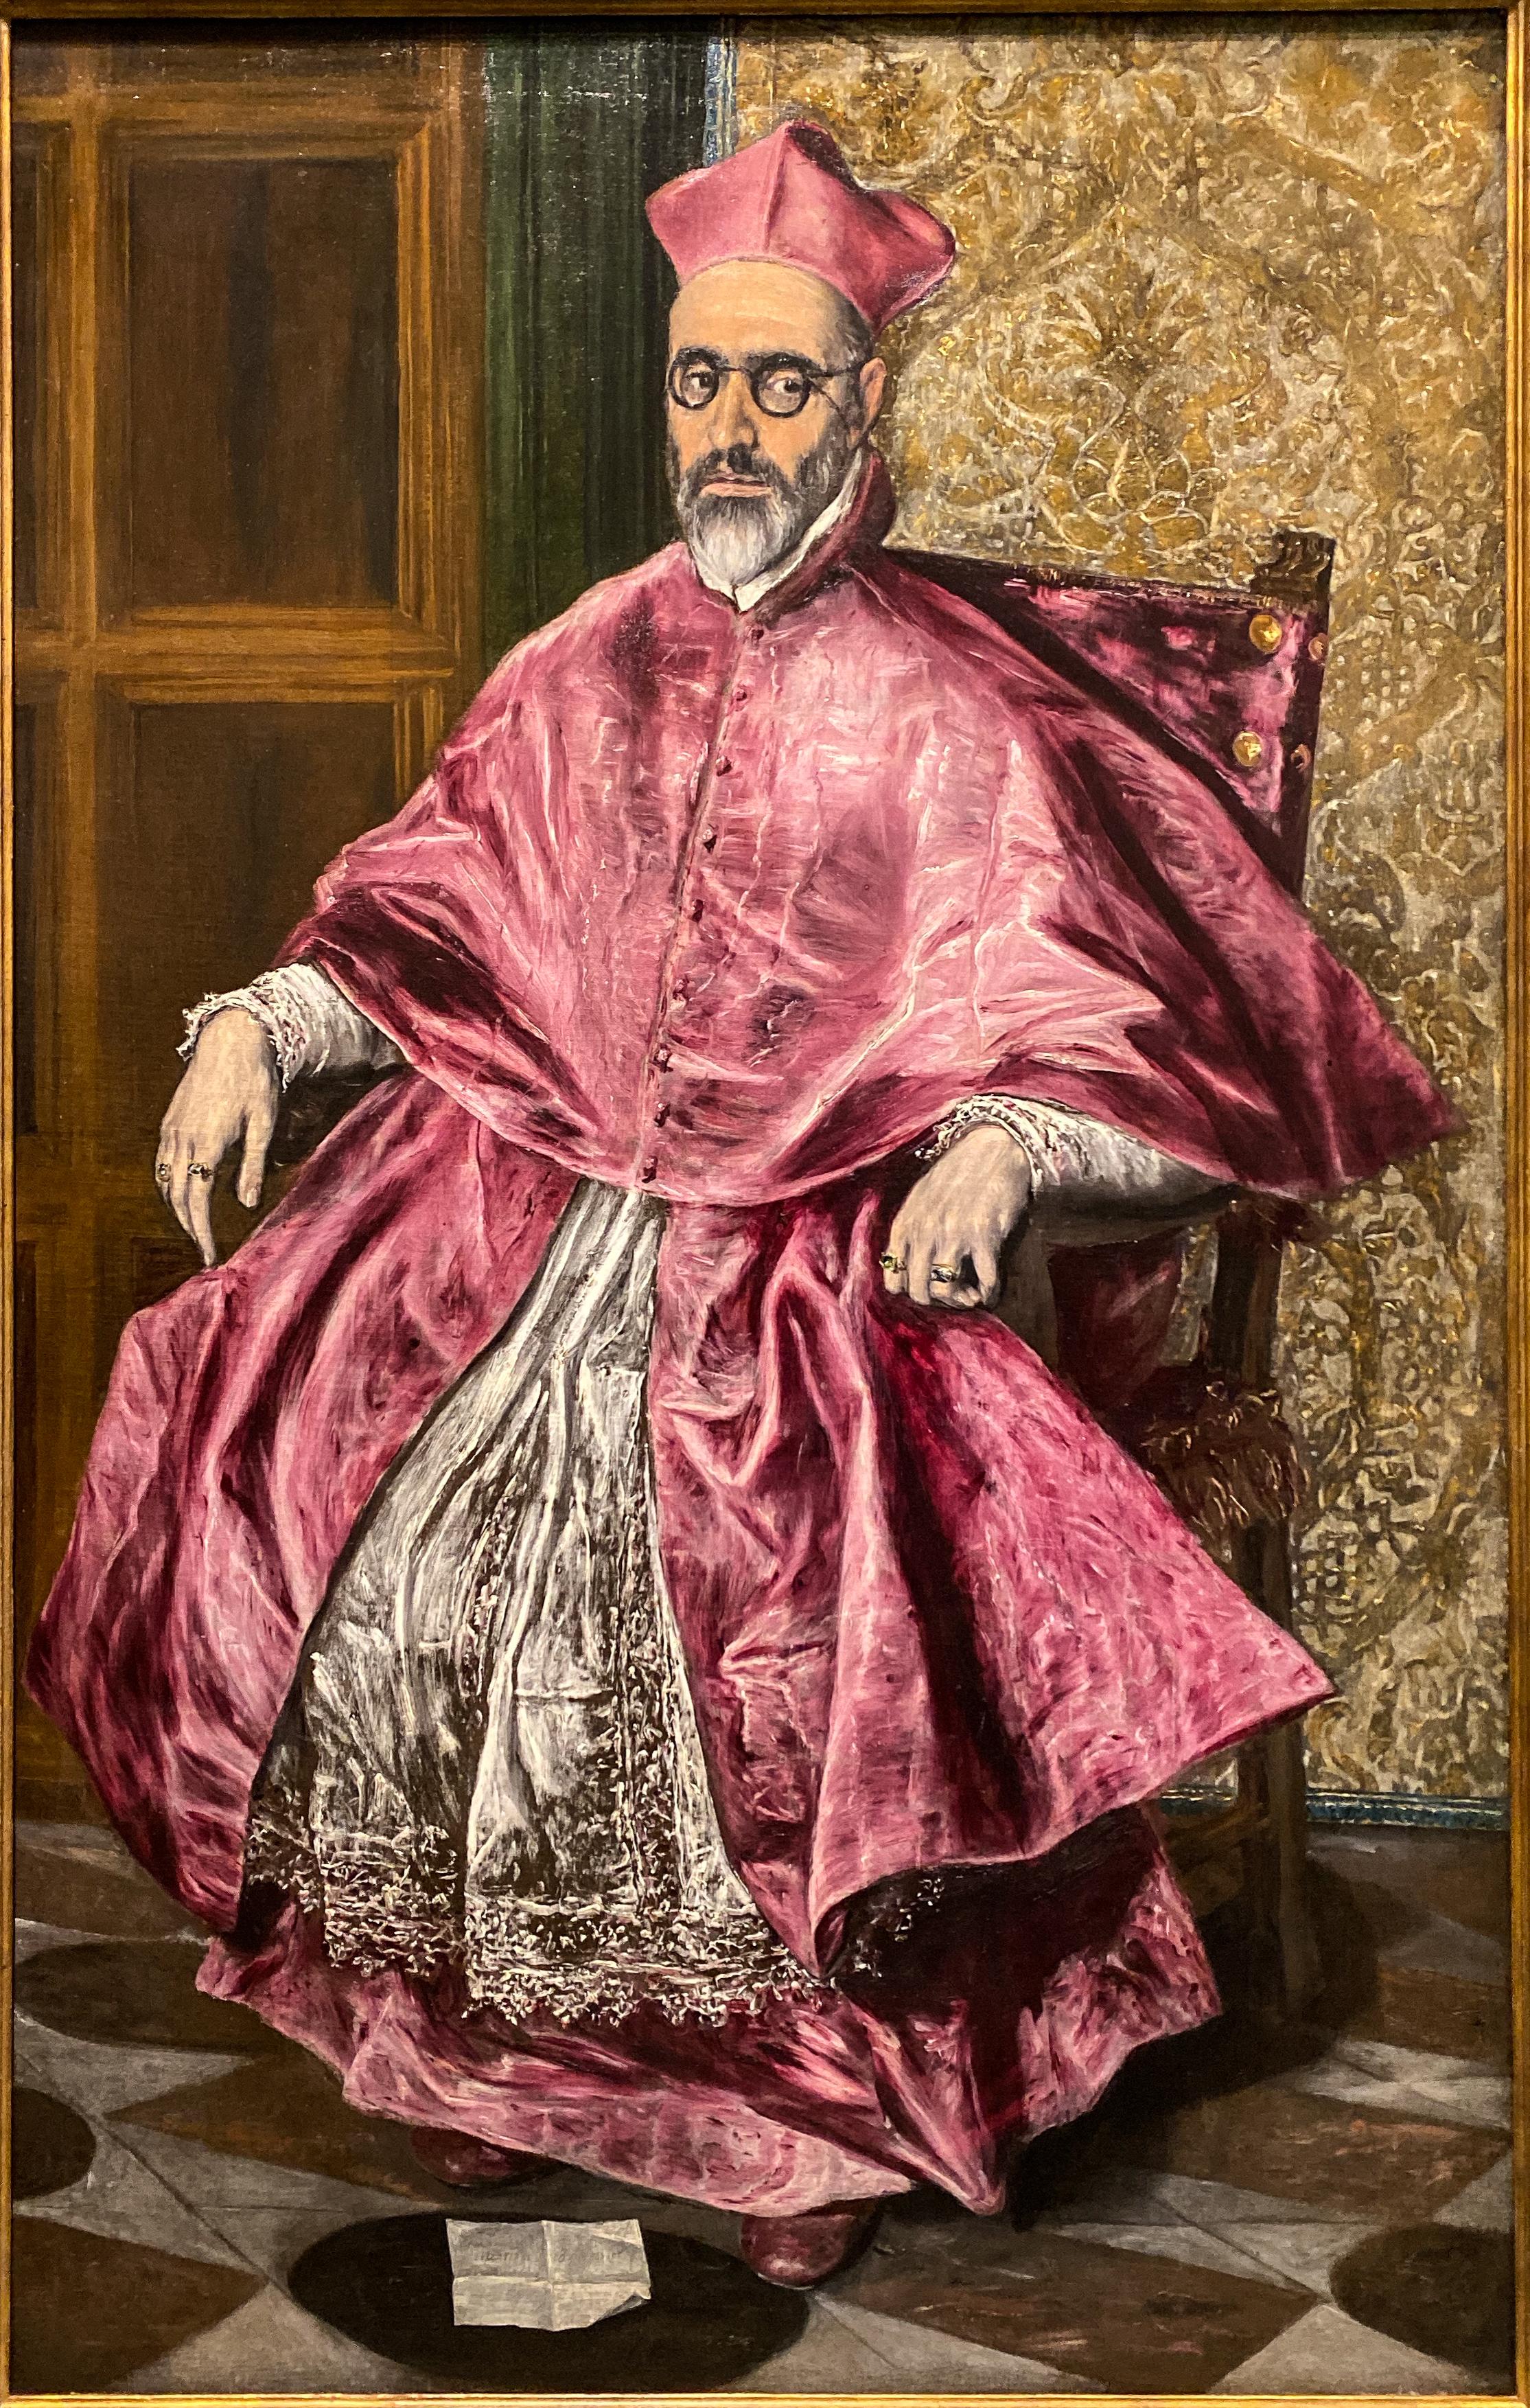 El Greco im Grand Palais in Paris – Großinquisitor Metropolitan Museum